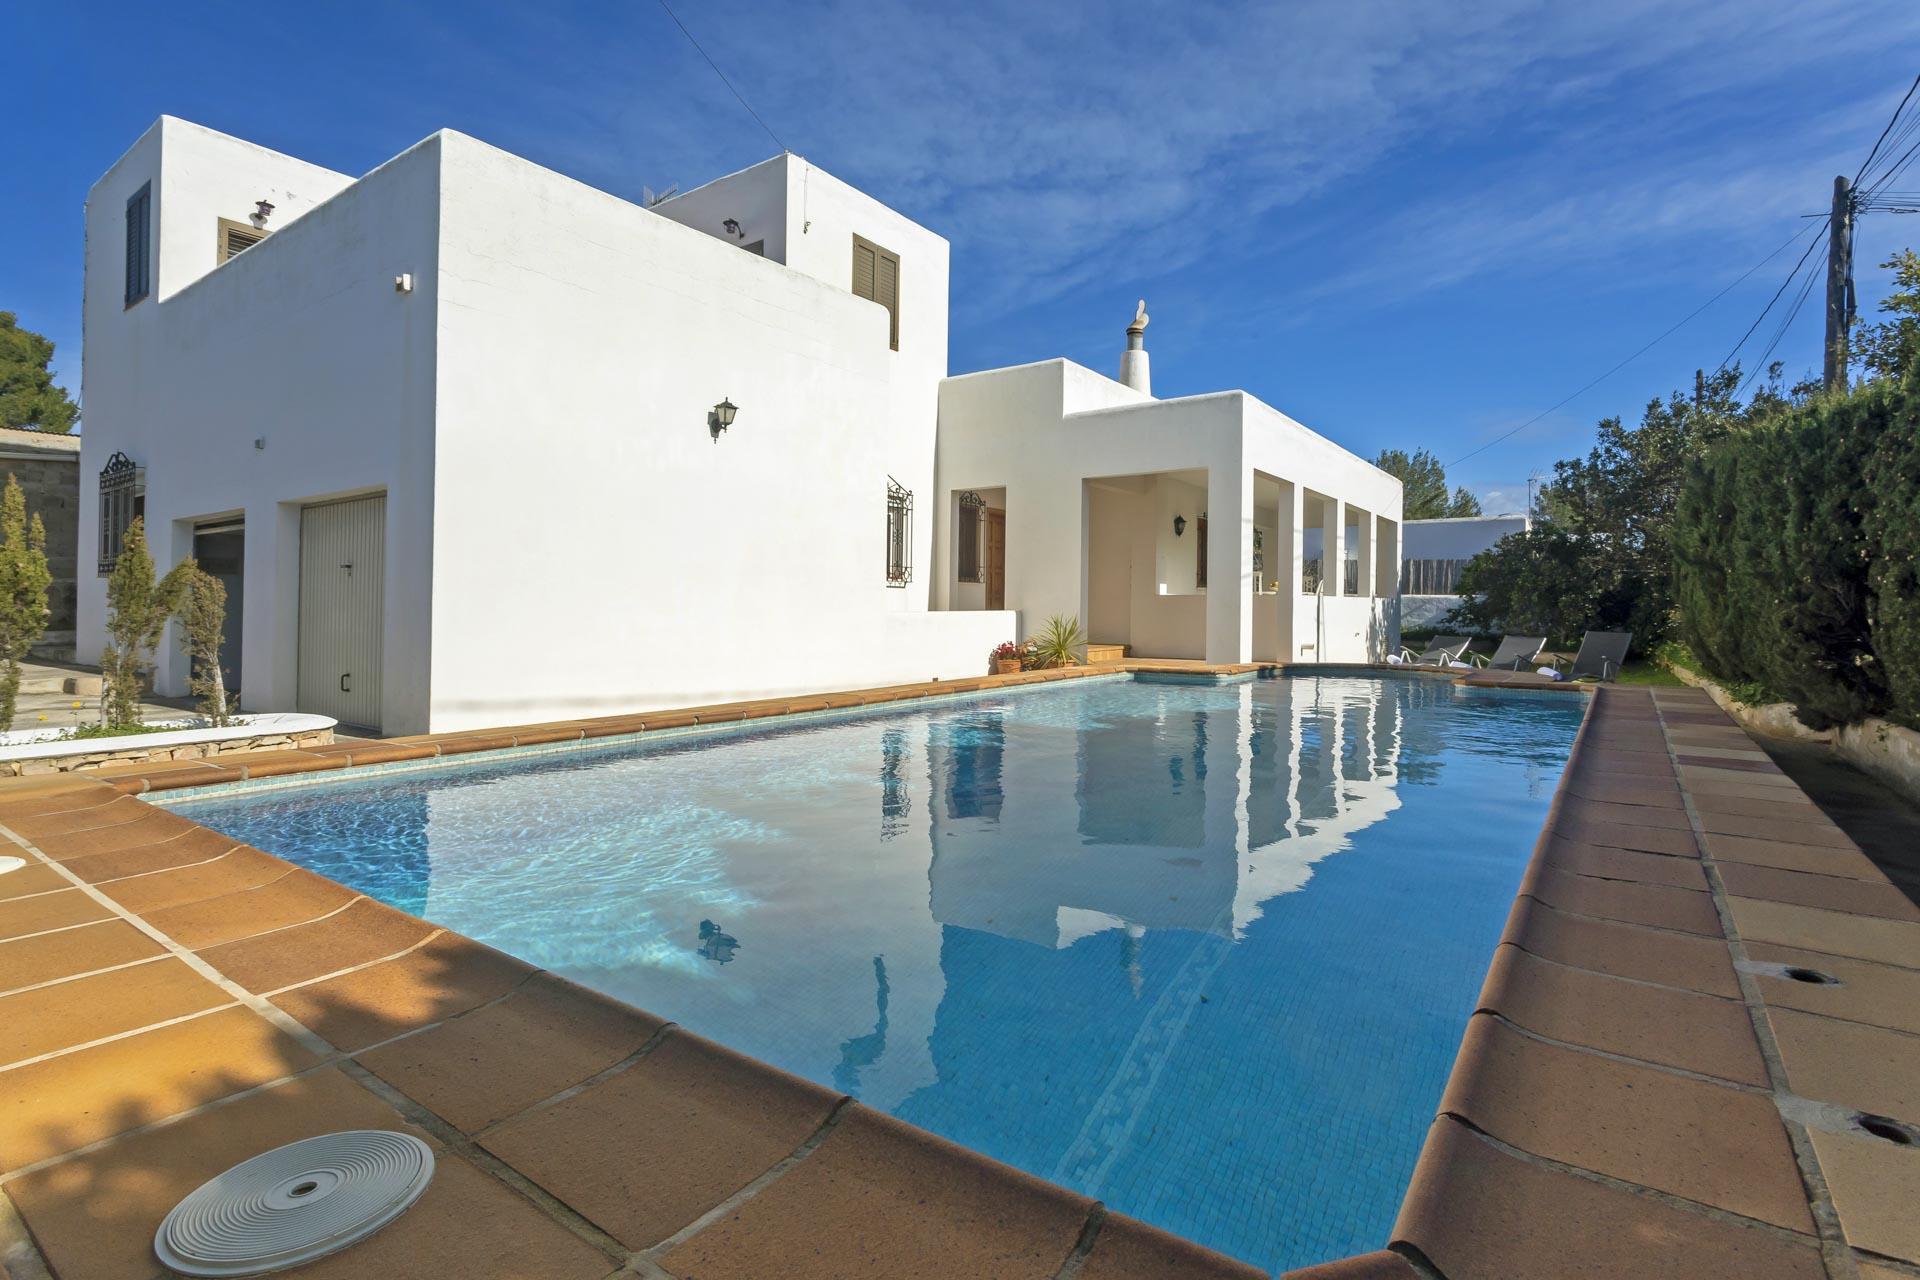 Casa Nana,Villa in San Antonio, op Ibiza, Spanje  met privé zwembad voor 8 personen...